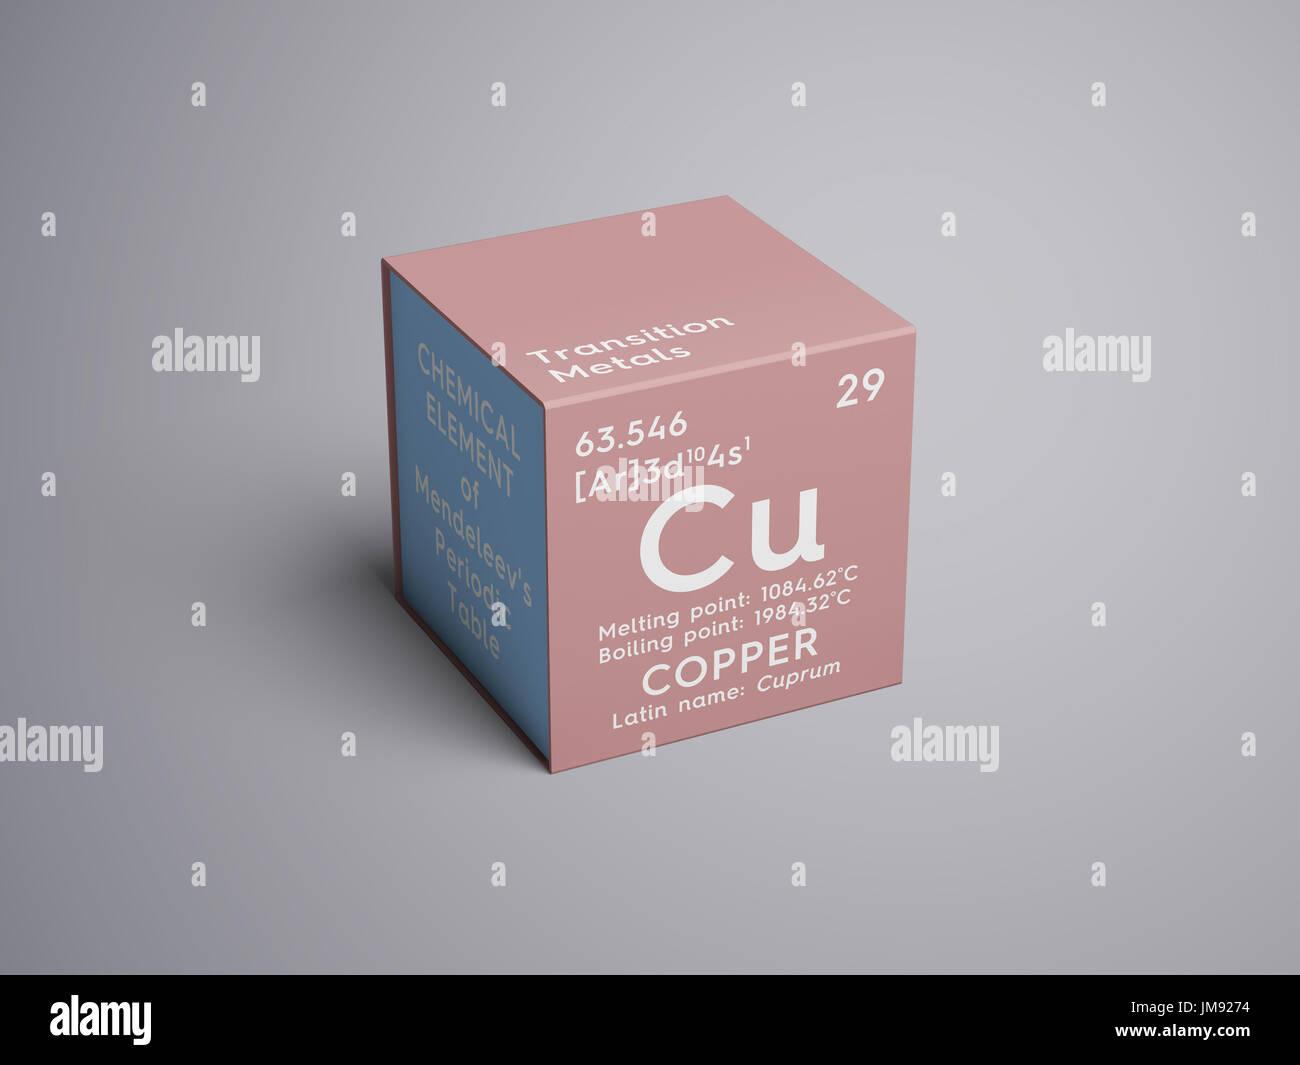 El cobre cuprum los metales de transicin elemento qumico de la el cobre cuprum los metales de transicin elemento qumico de la tabla peridica de mendeleyev cobre en square cube concepto creativo urtaz Gallery